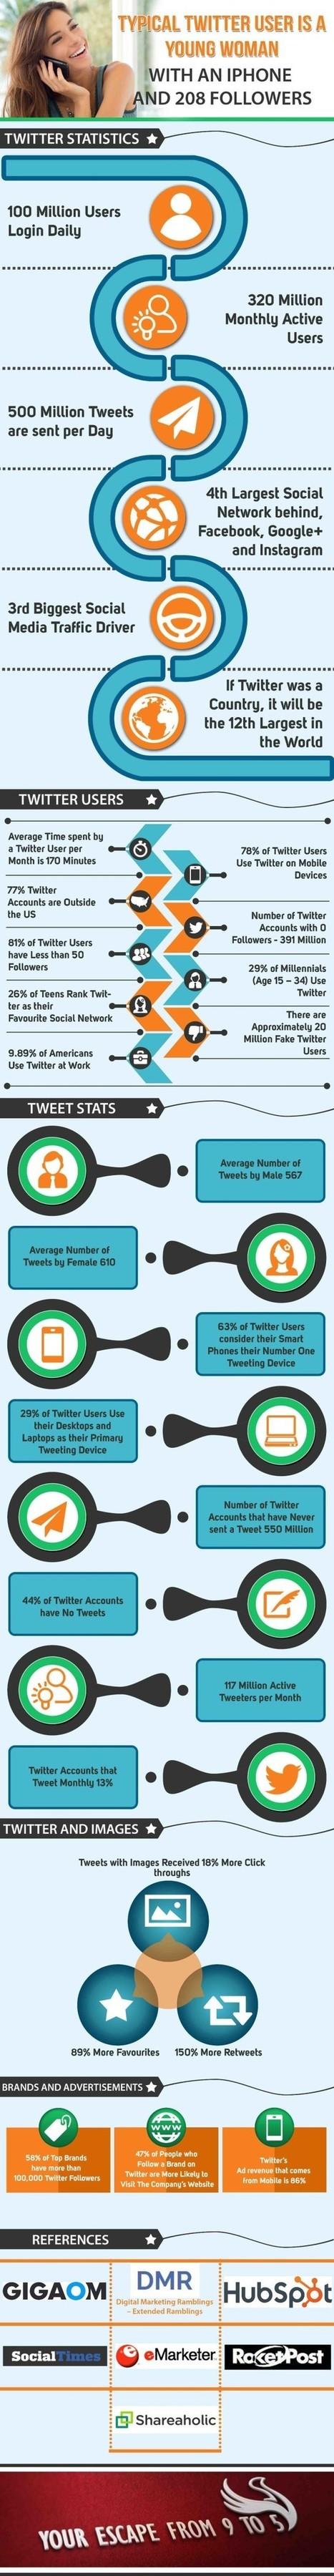 Understanding Your Twitter Audience | The Best Infographics | Scoop.it